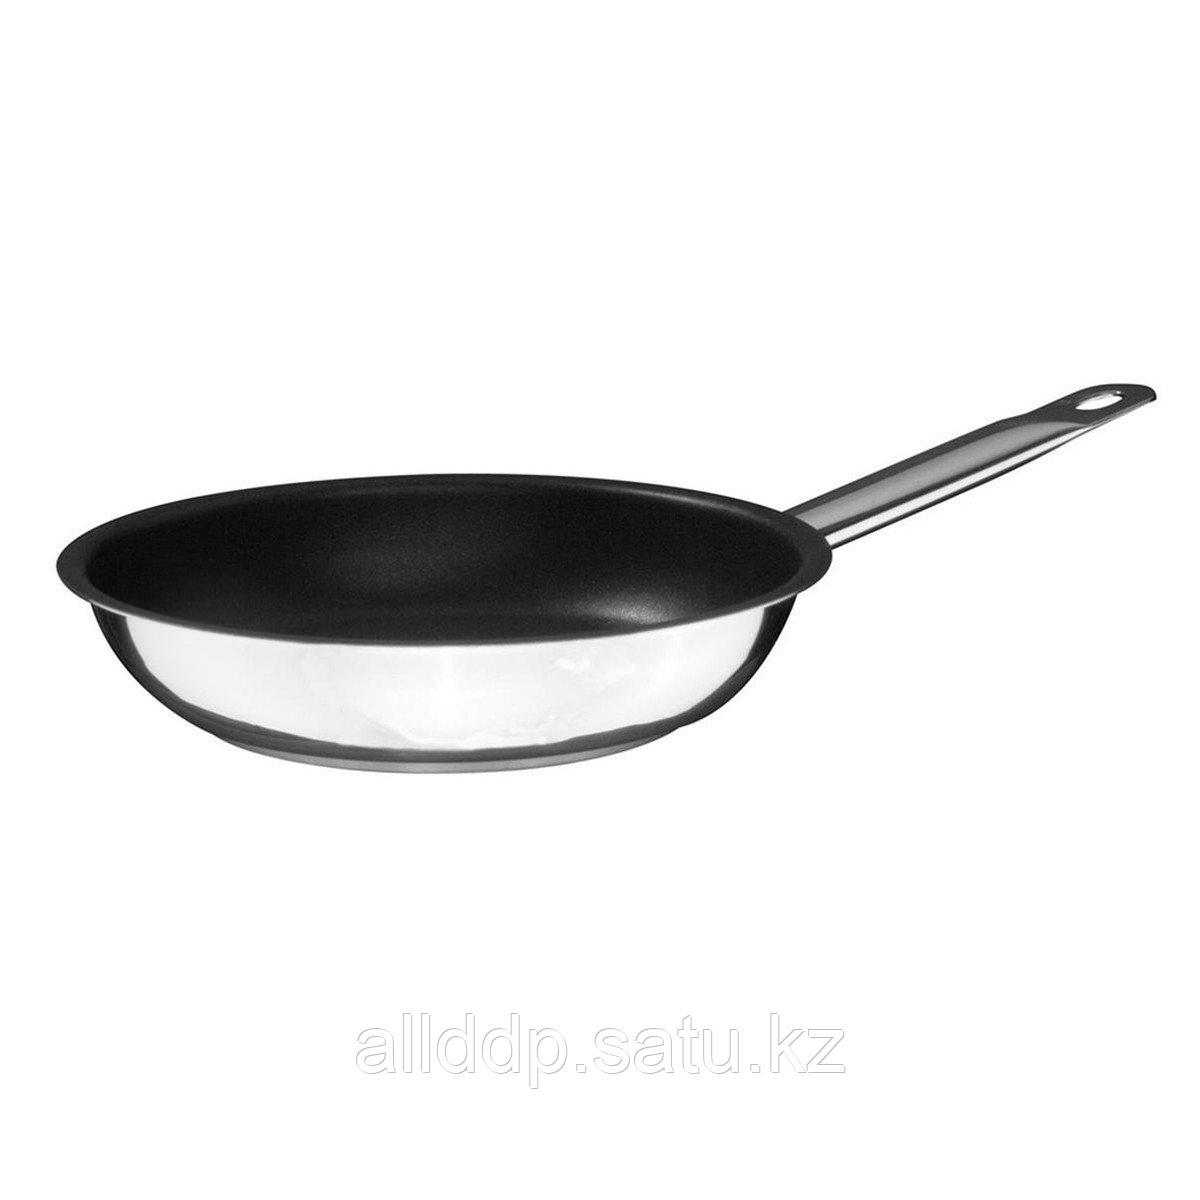 Сковорода профессиональная, 36 см, сталь, тефл.покрытие